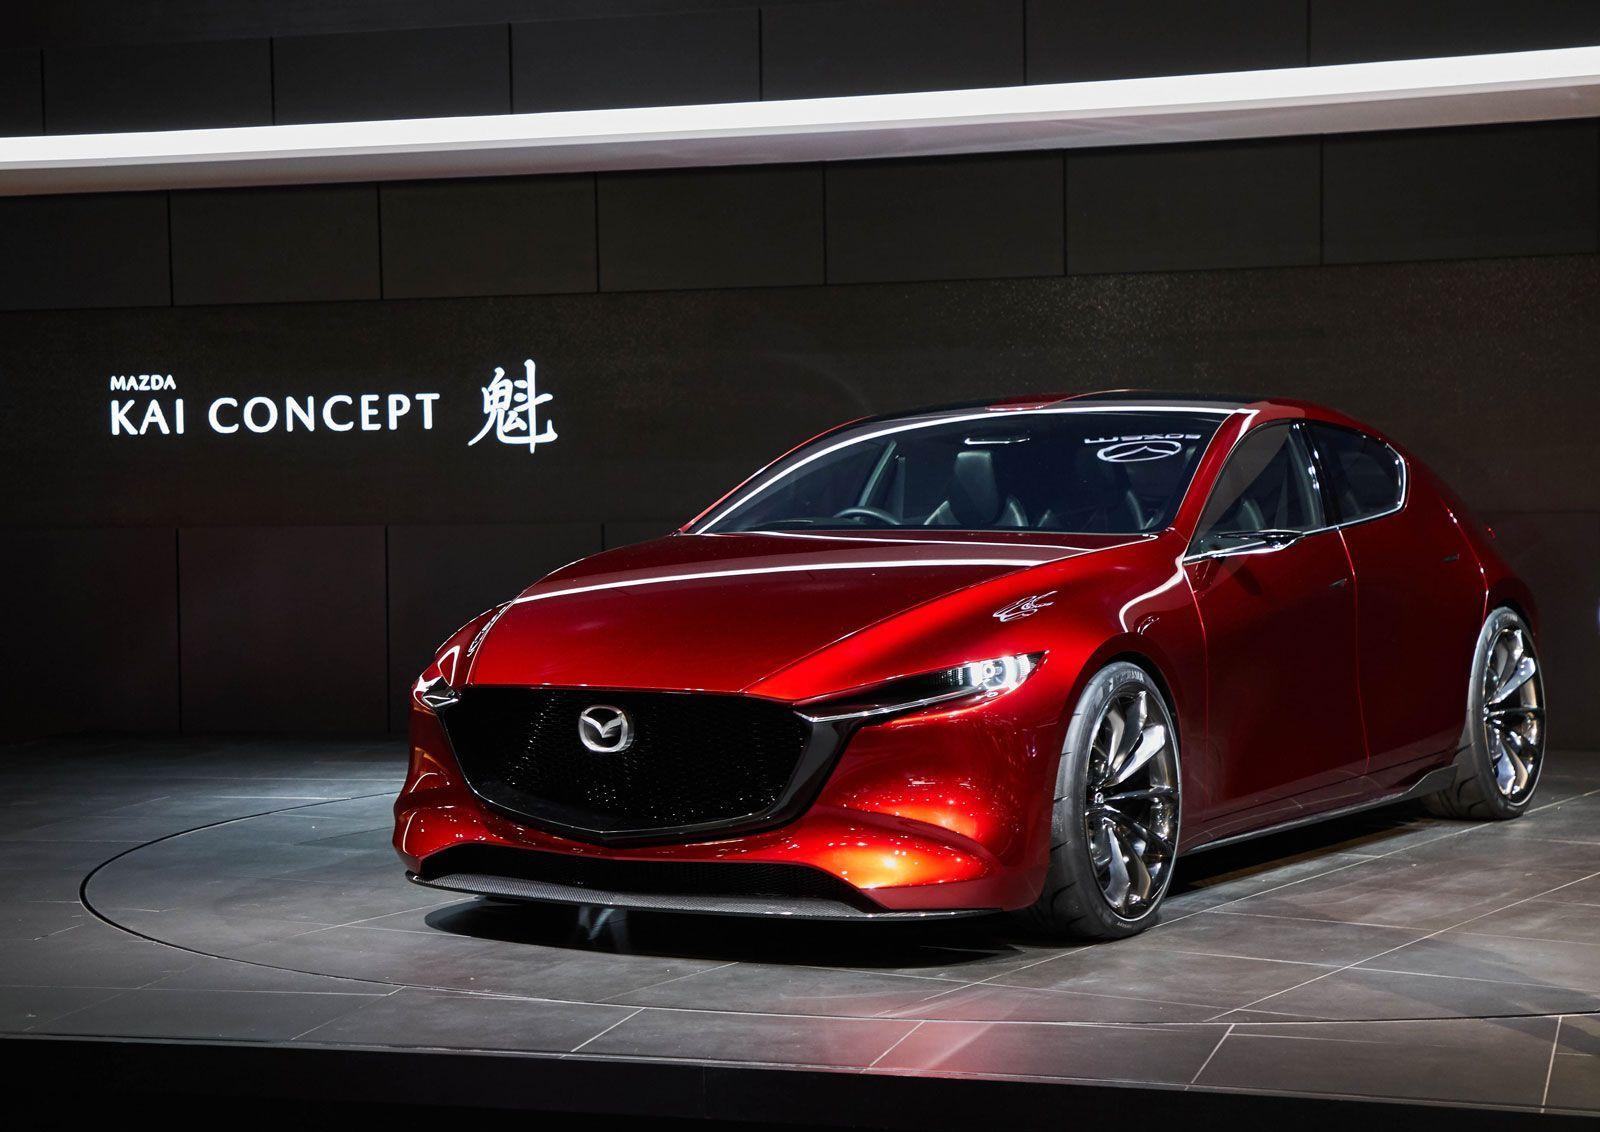 62 New Mazda 3 2020 Lanzamiento History with Mazda 3 2020 Lanzamiento